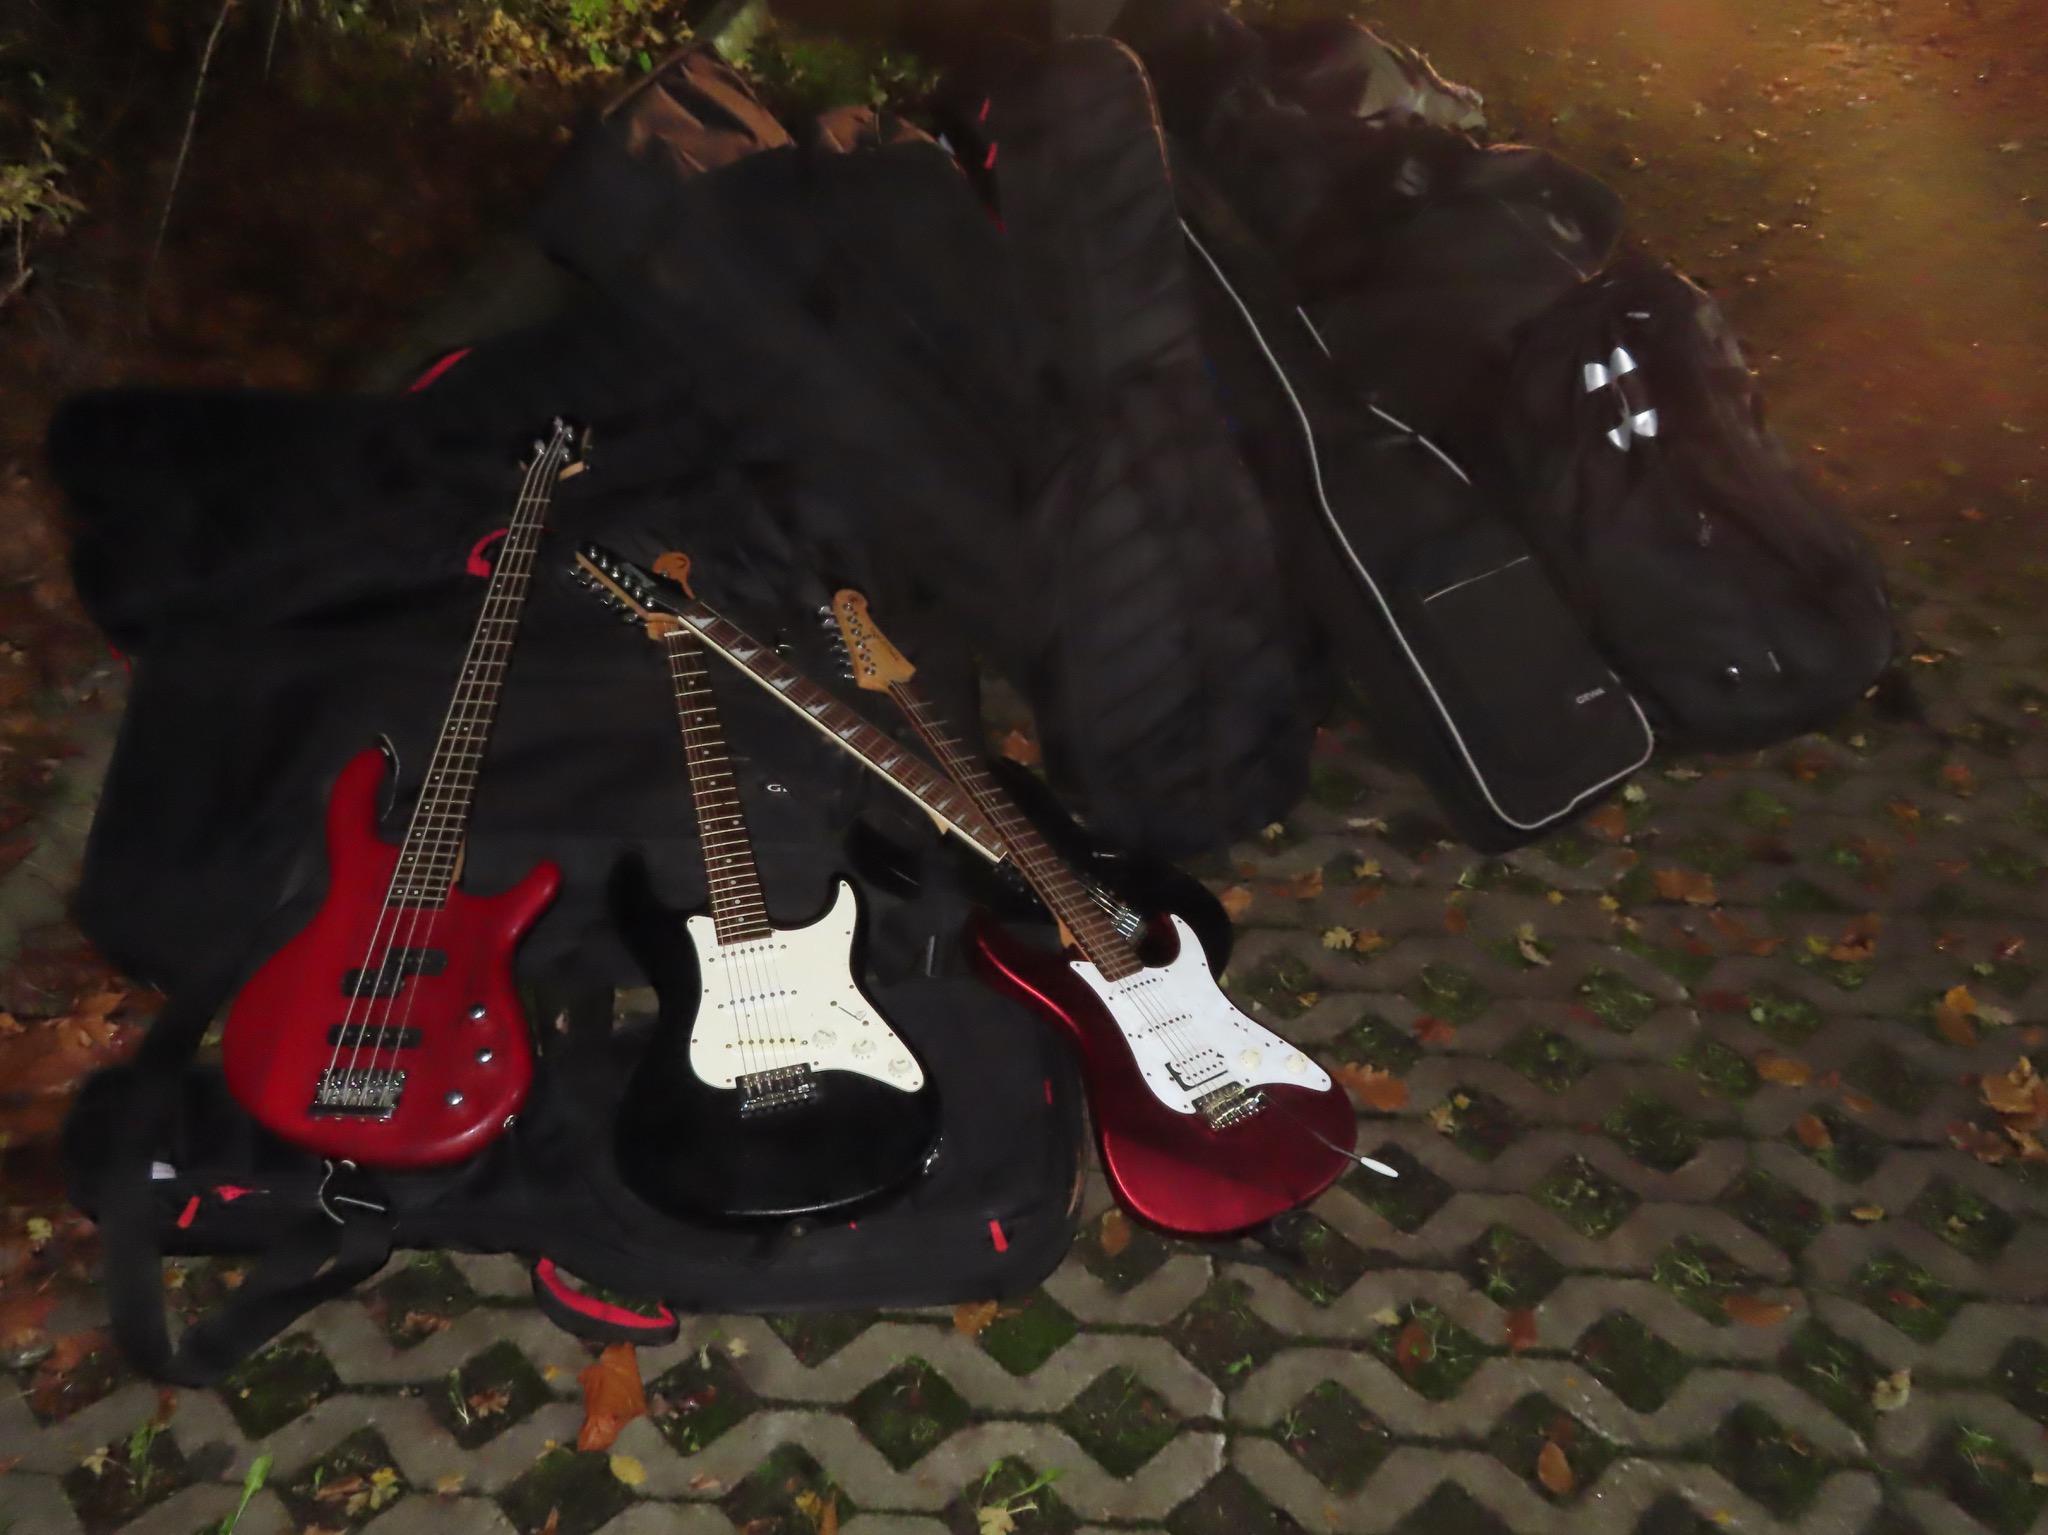 Die gestohlenen Musikinstrumente am Fundort. Foto: Polizei